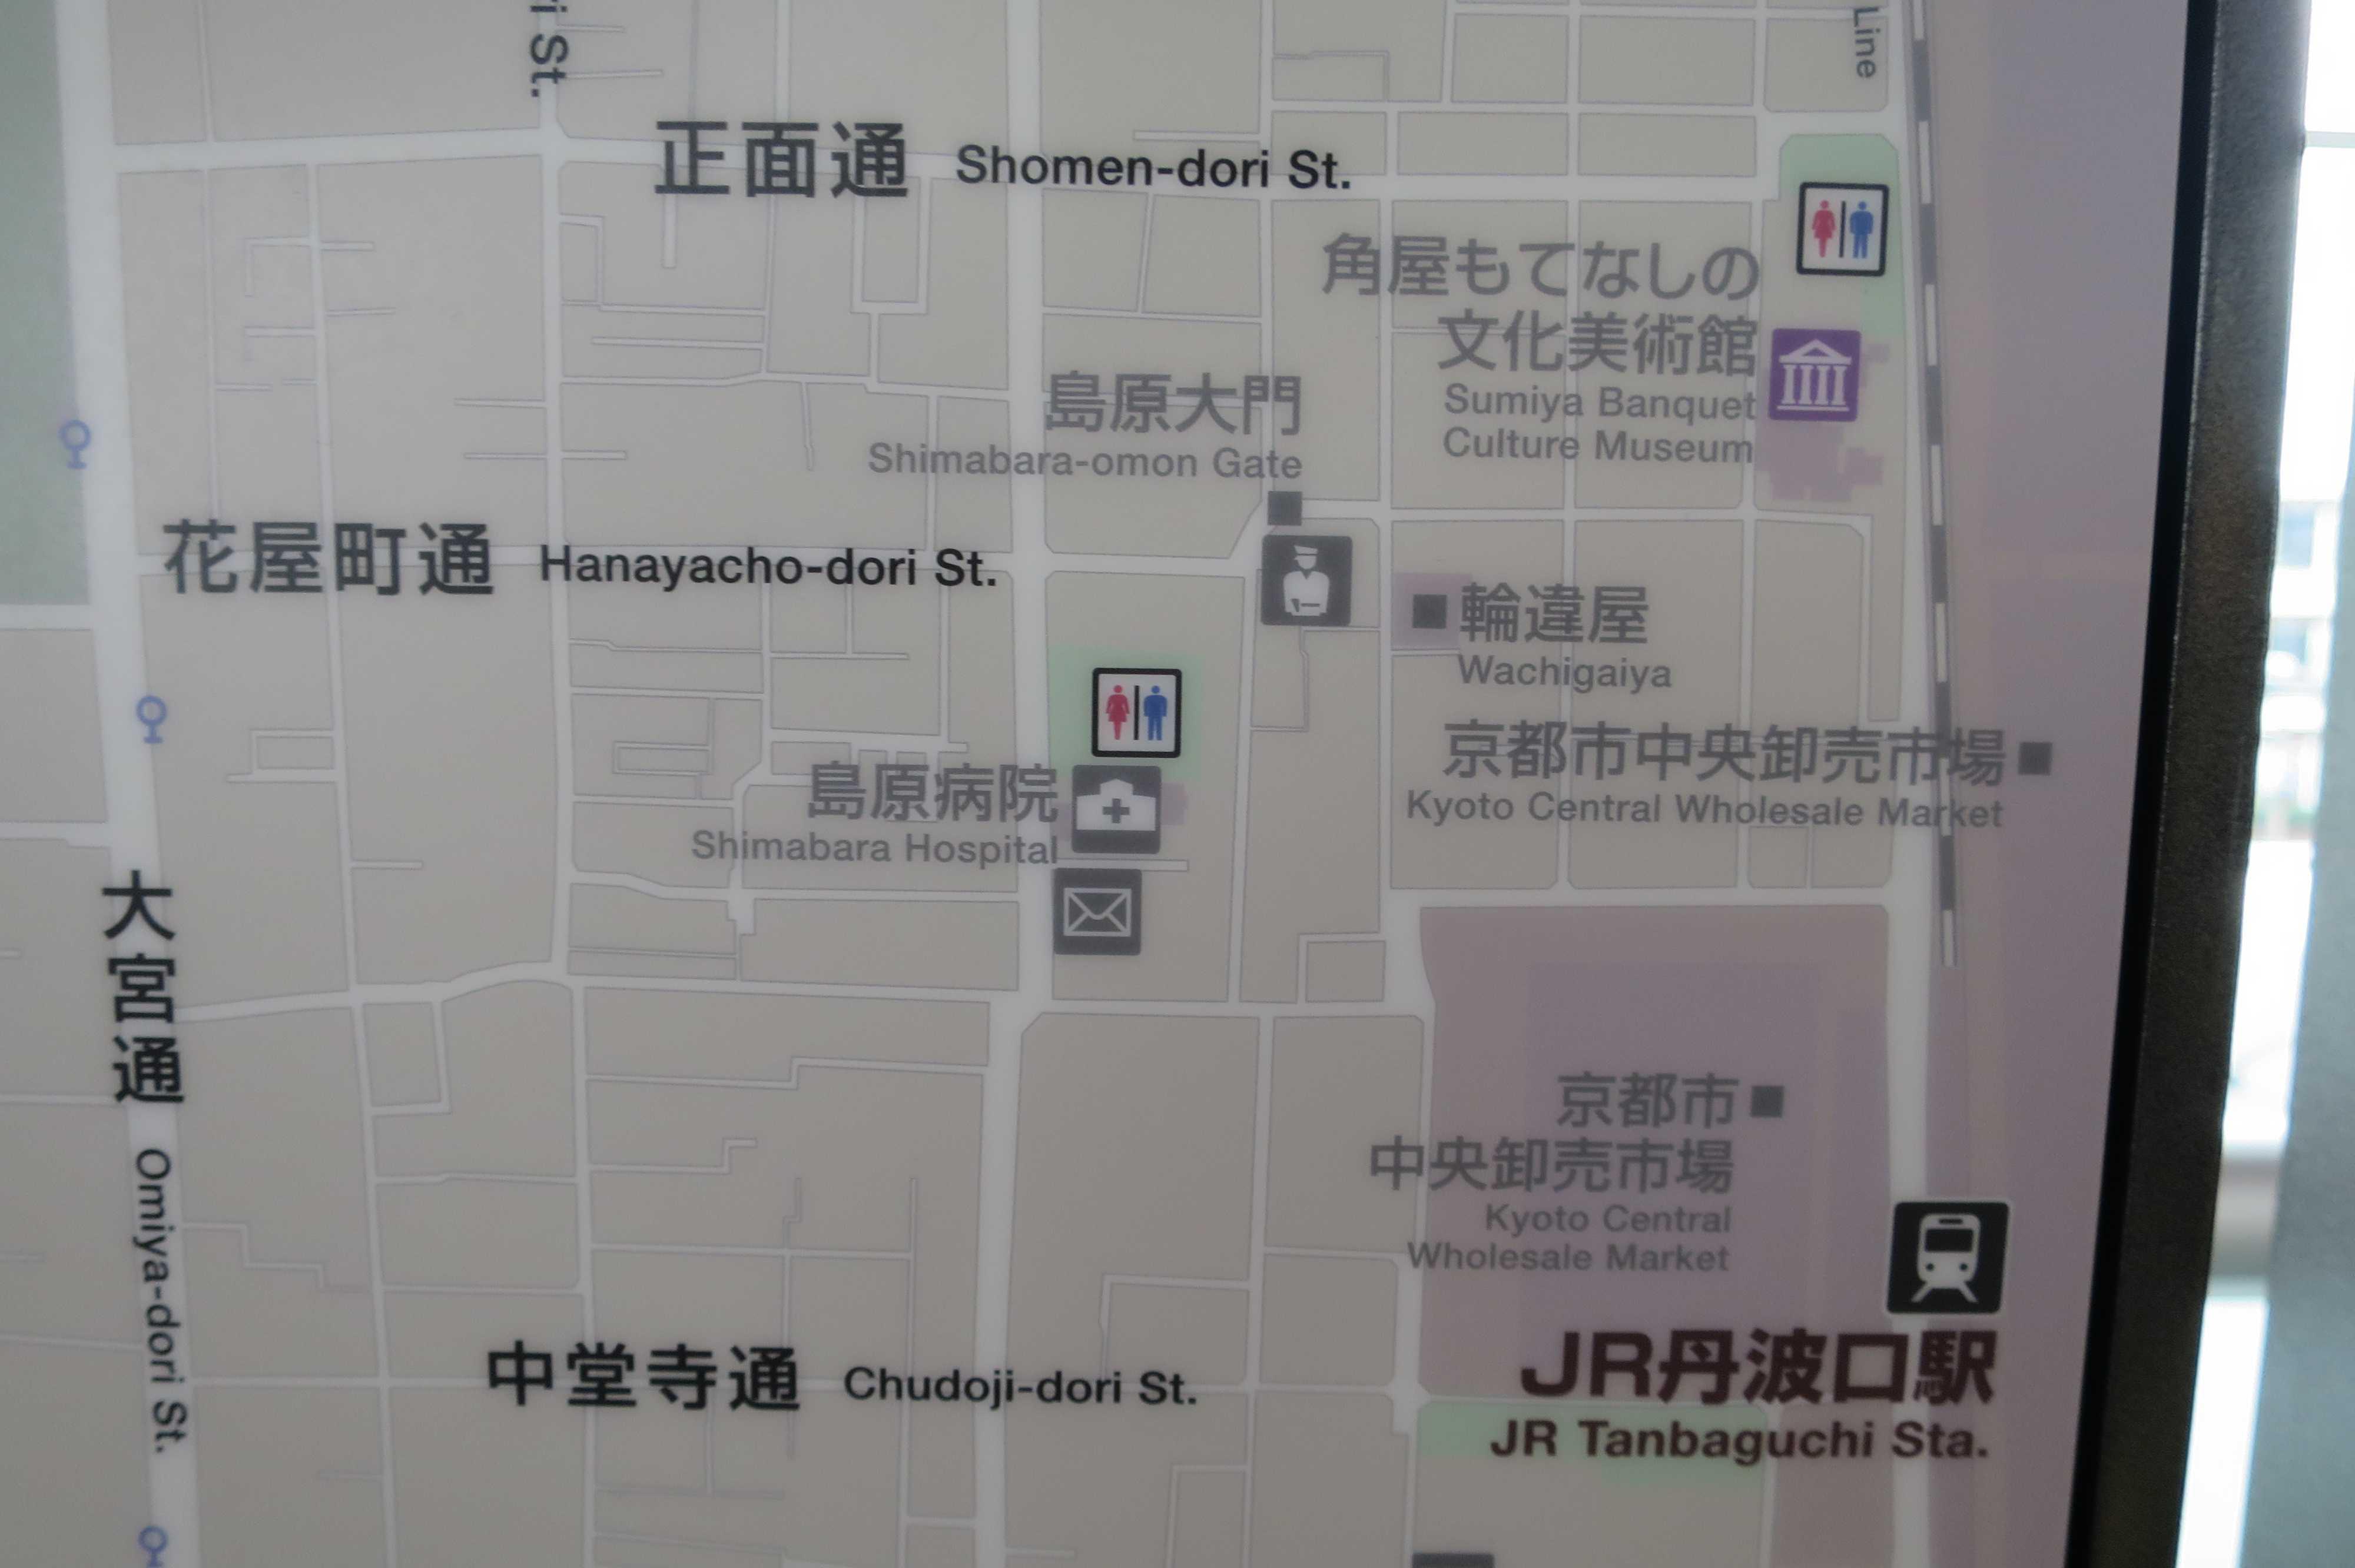 京都 - 島原大門、輪違屋、角屋の地図